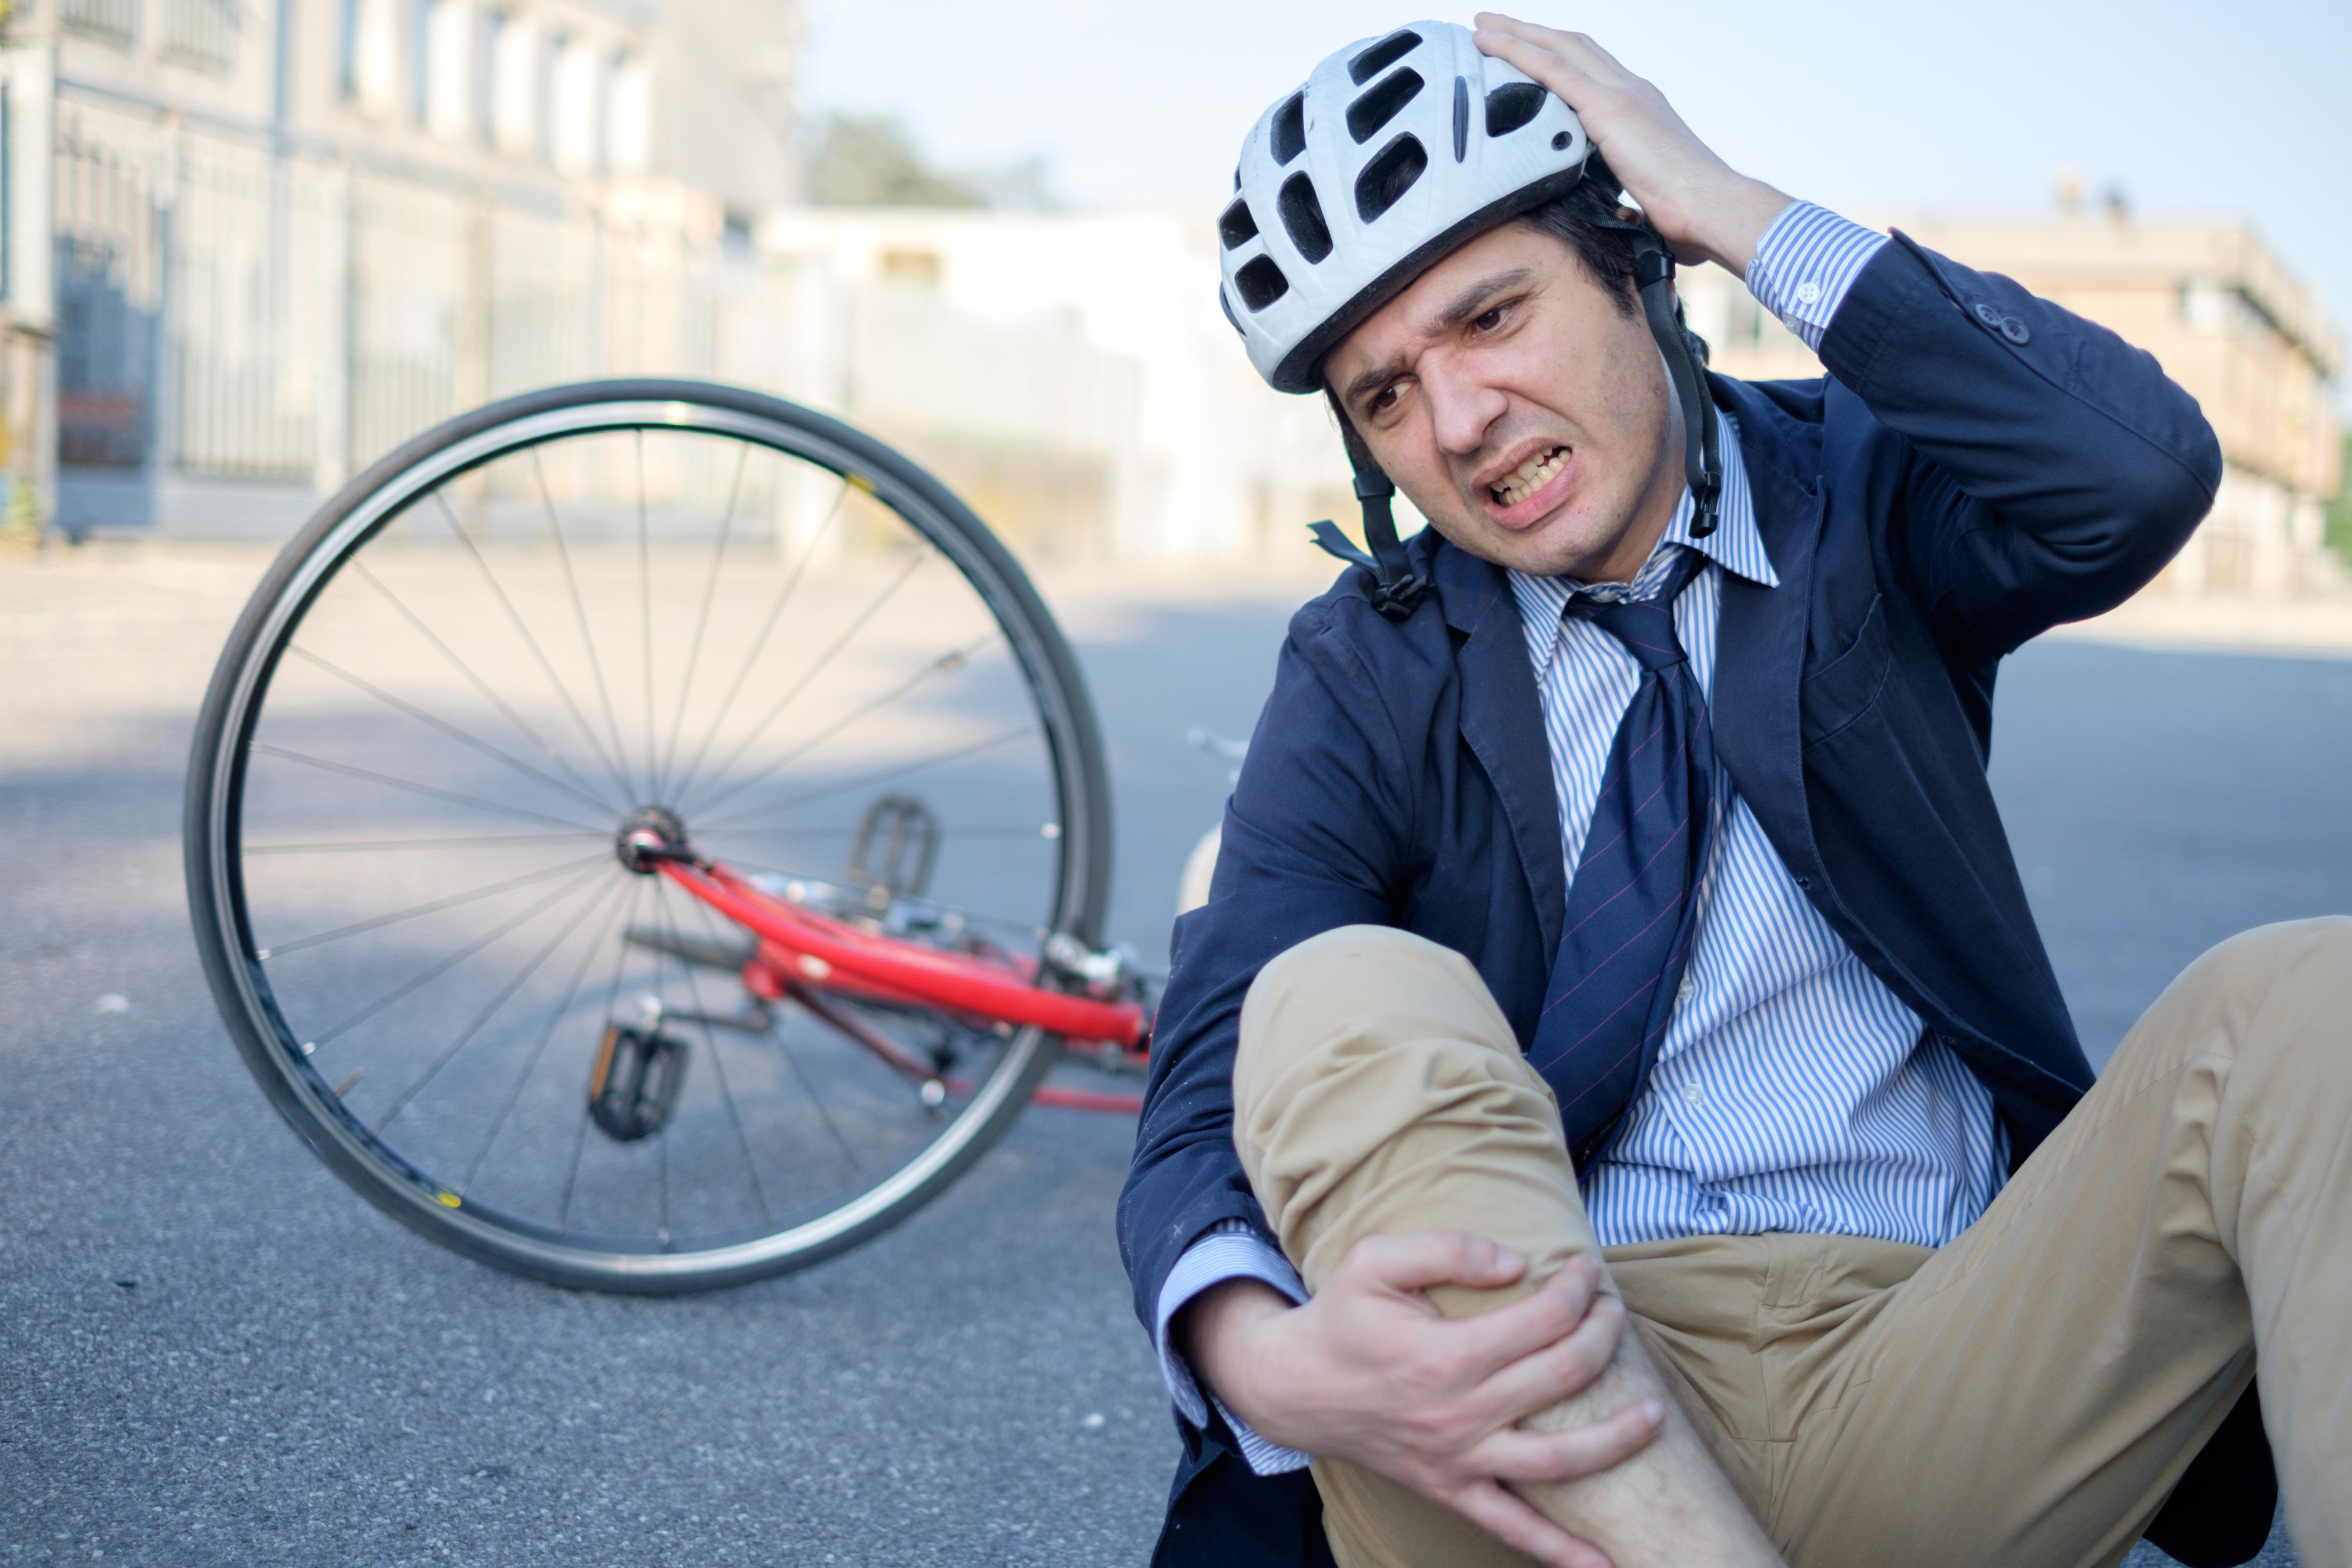 Att använda hjälp kan bidra till att en eventuell olycka på cykeln inte behöver leda till allvarliga skallskador.